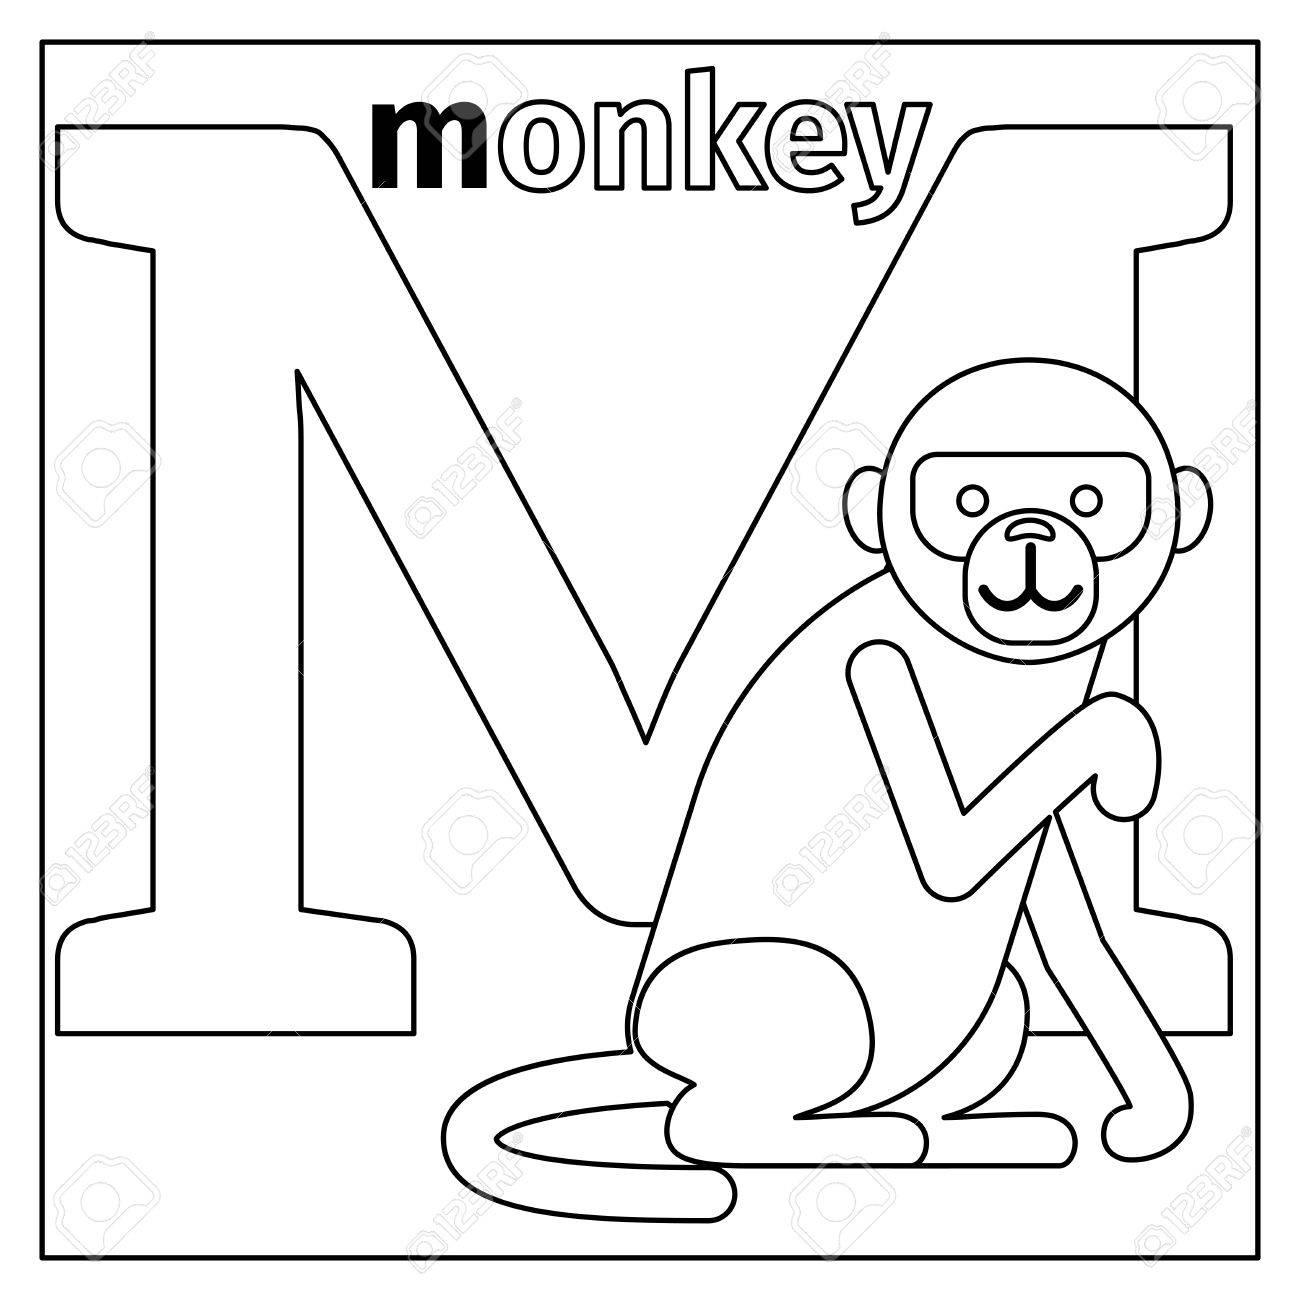 Dibujo Para Colorear O Tarjeta Para Los Niños Con Alfabeto Inglés Animales Del Zoo Mono Ilustración Vectorial Letra M